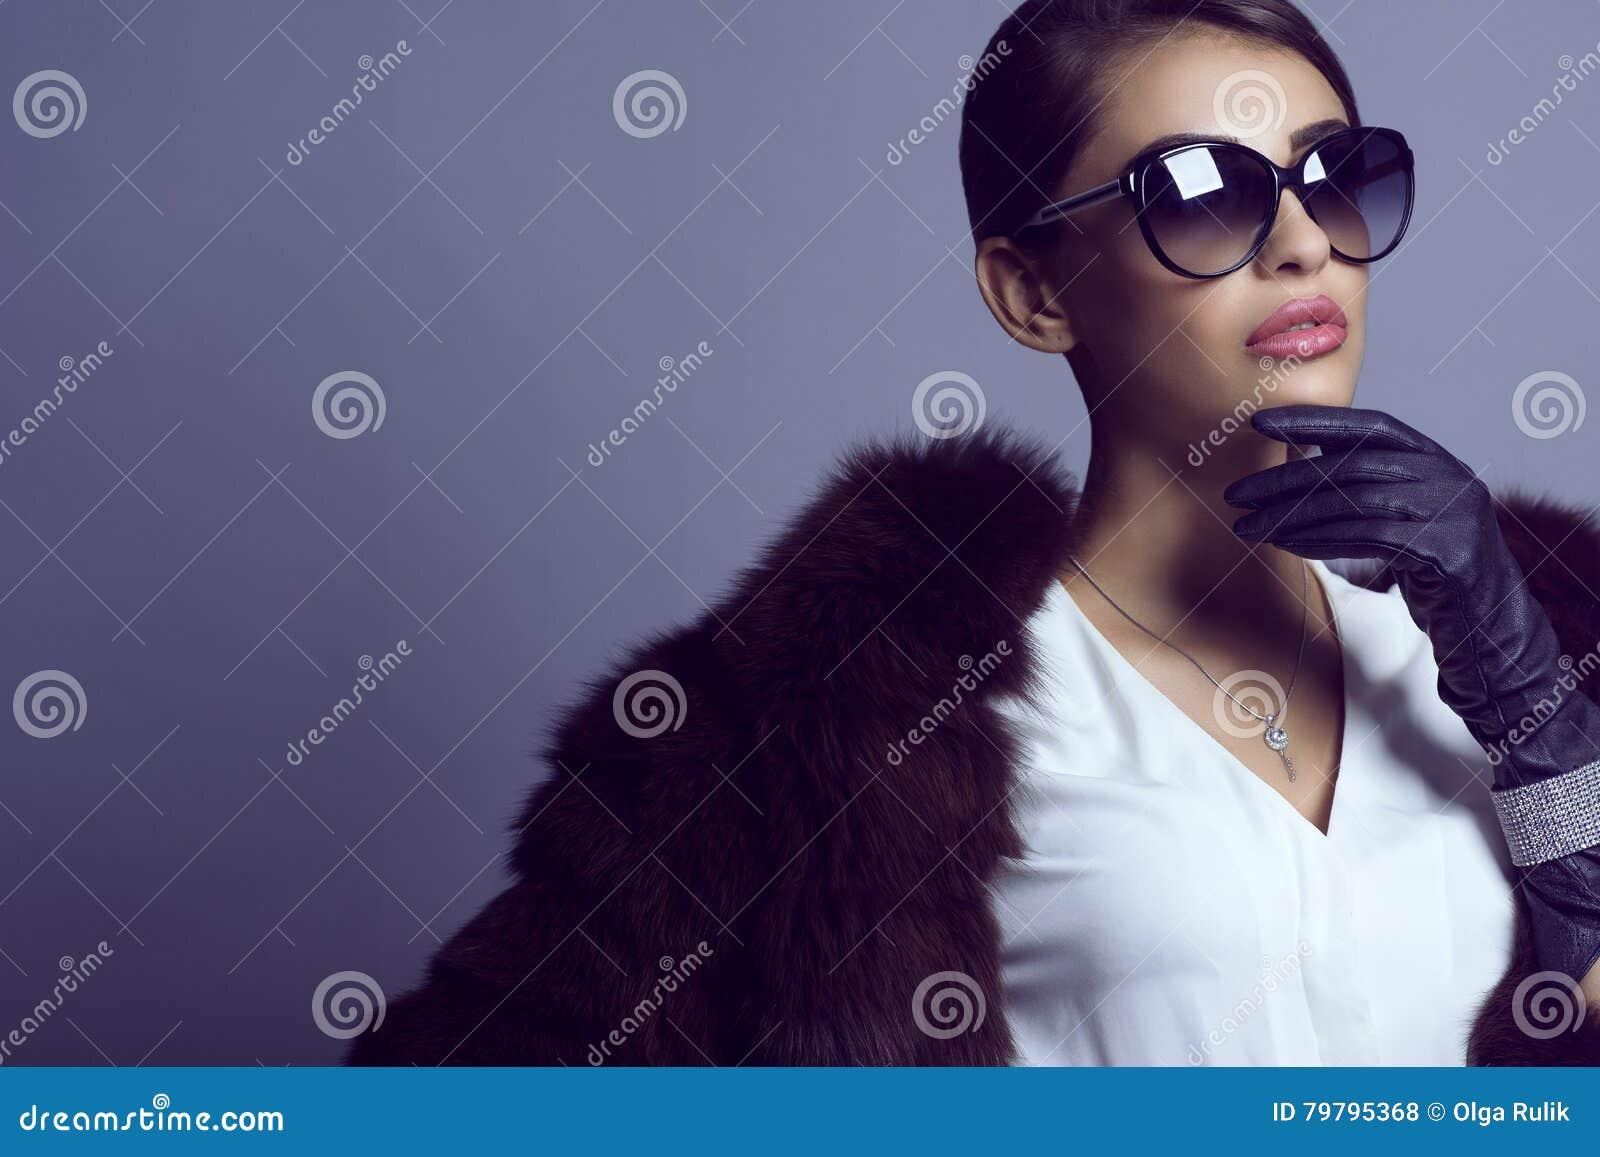 Stående av den glam mörker-haired modellen i stilfull klassisk solglasögon som bär den vita blusen, det svarta laget och uppsättn